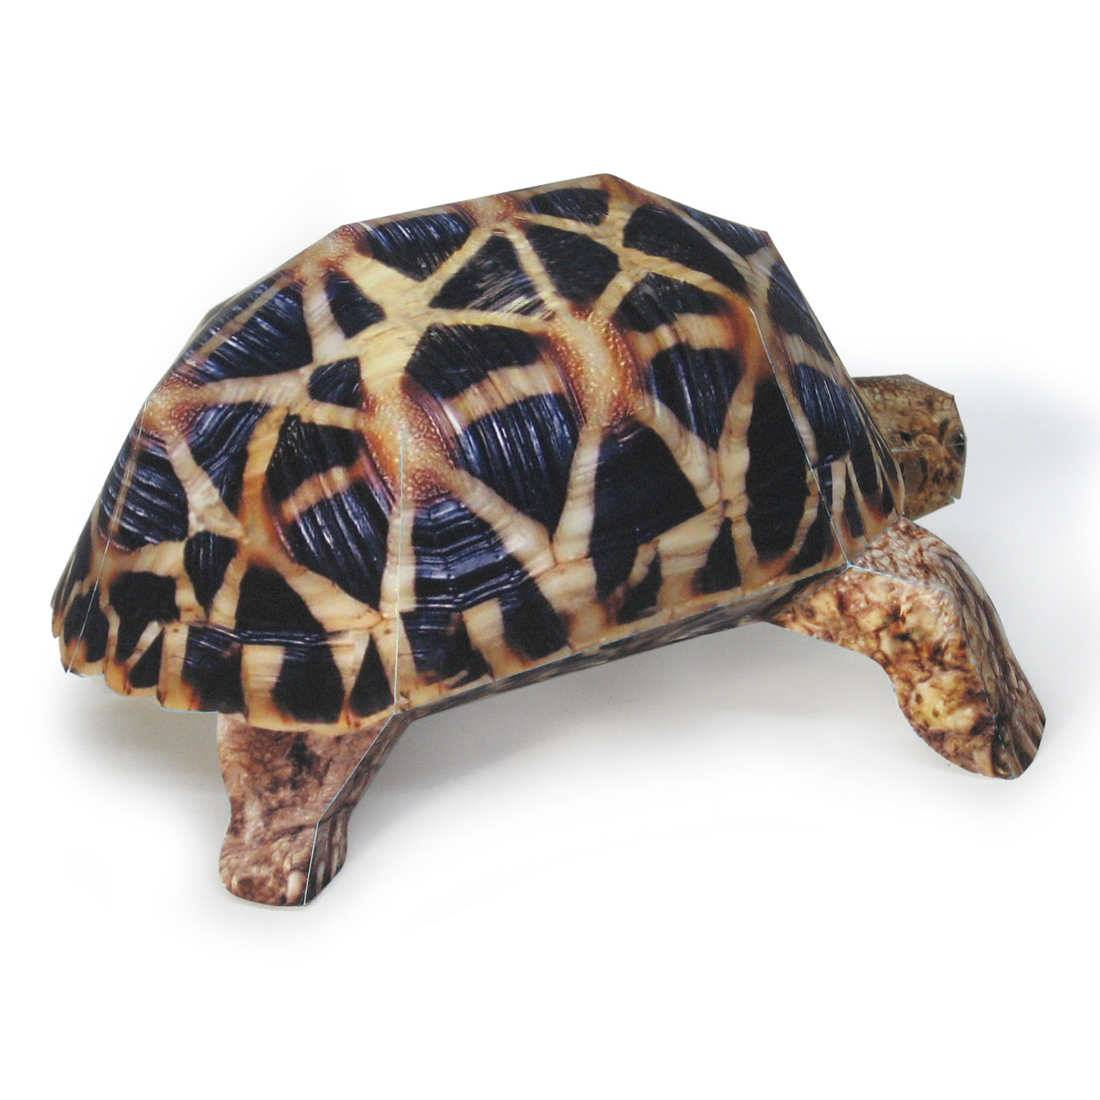 Индийская звездчатая черепаха (описание, места обитания, содержание)